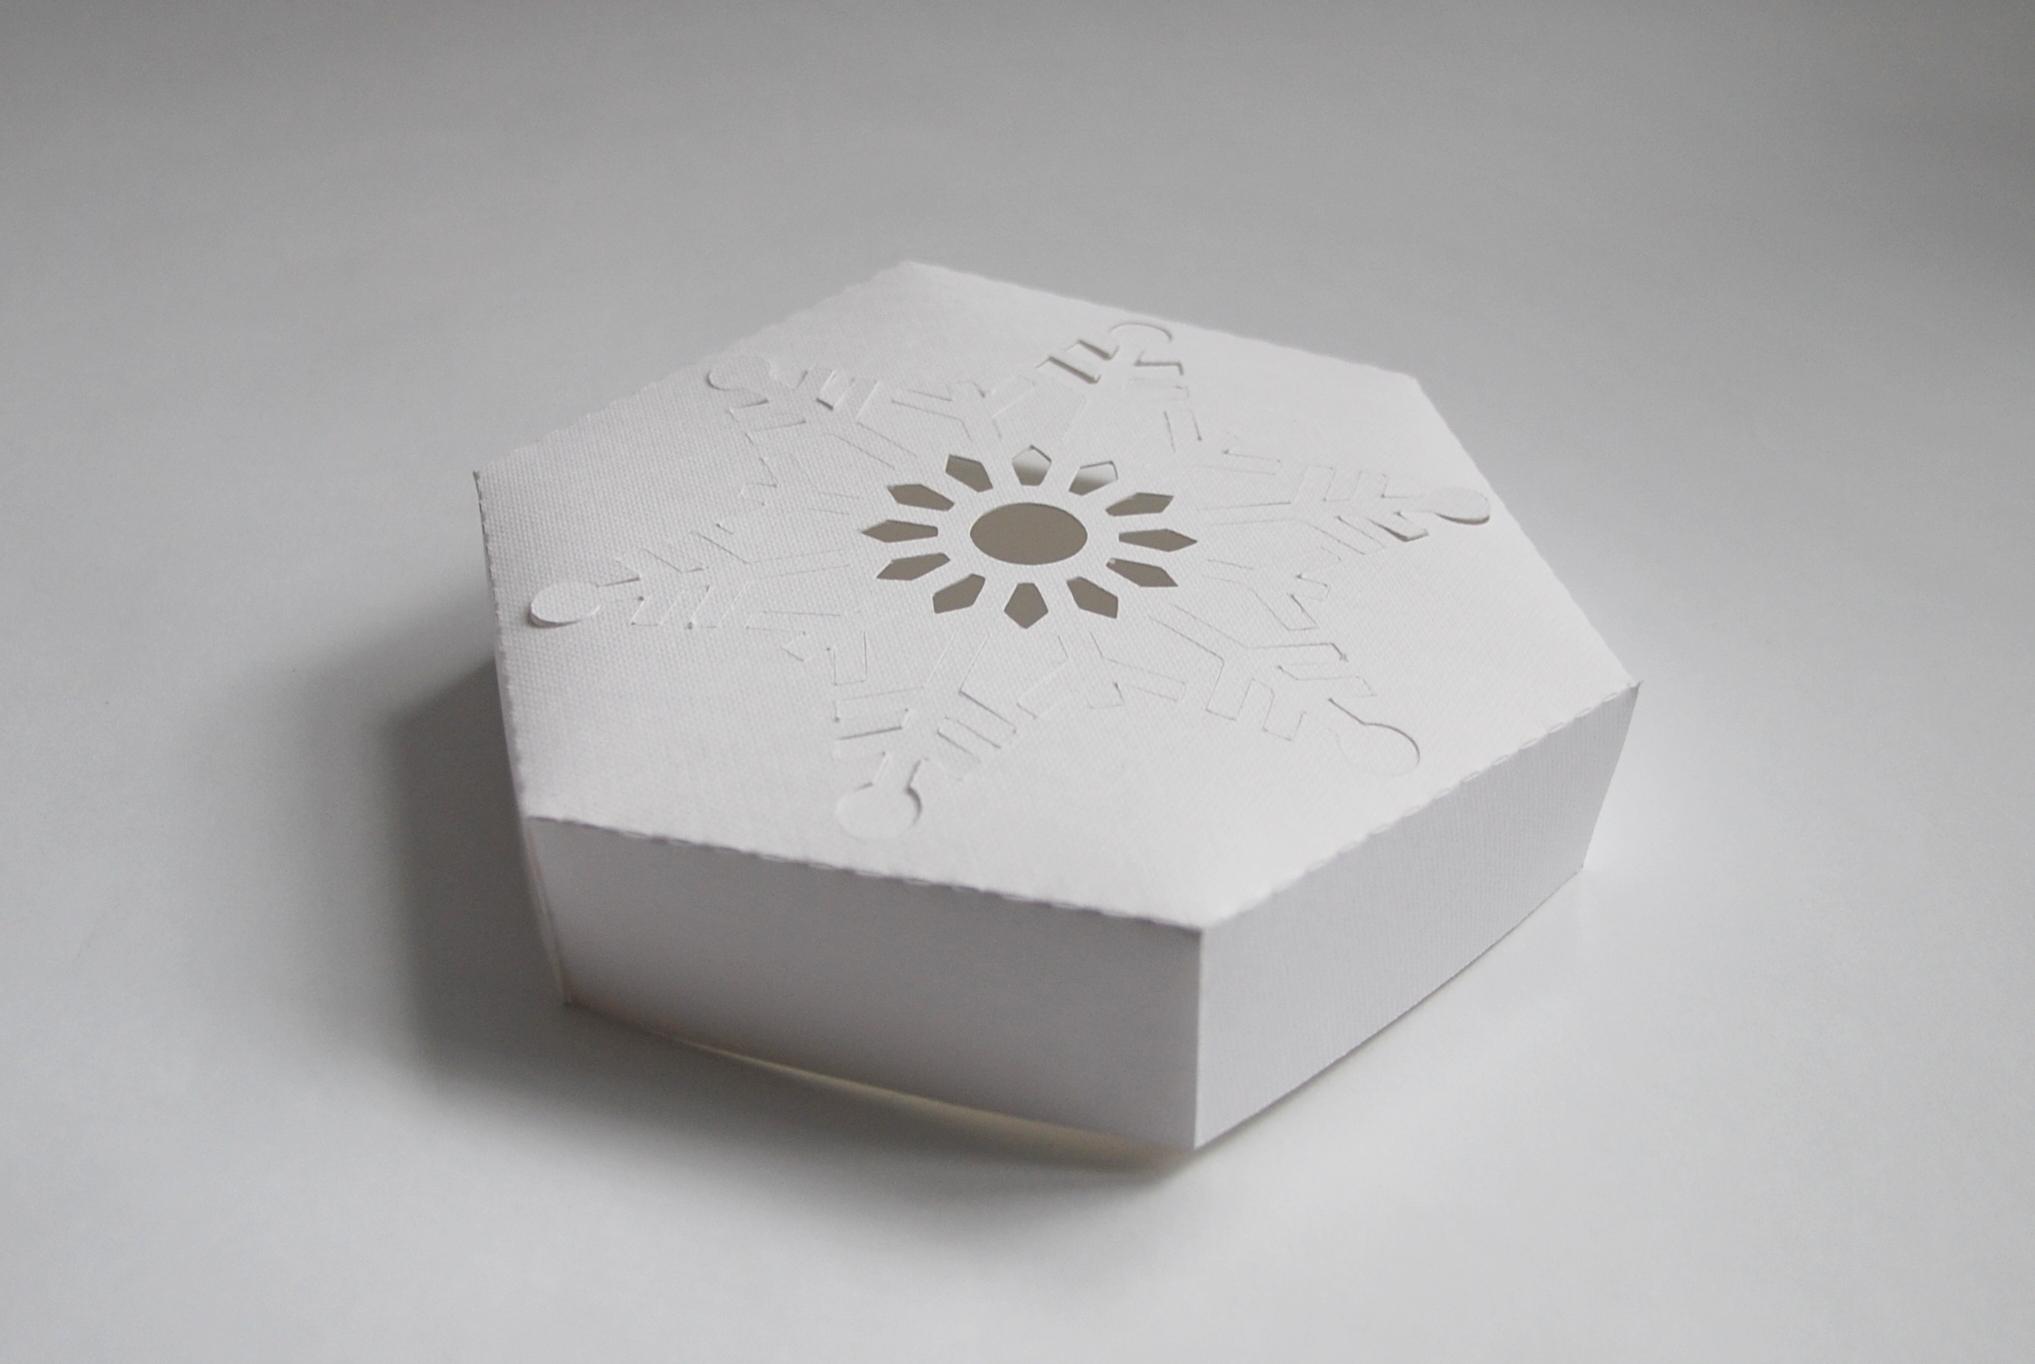 Jak zrobić pudełeczko na prezent świąteczny?